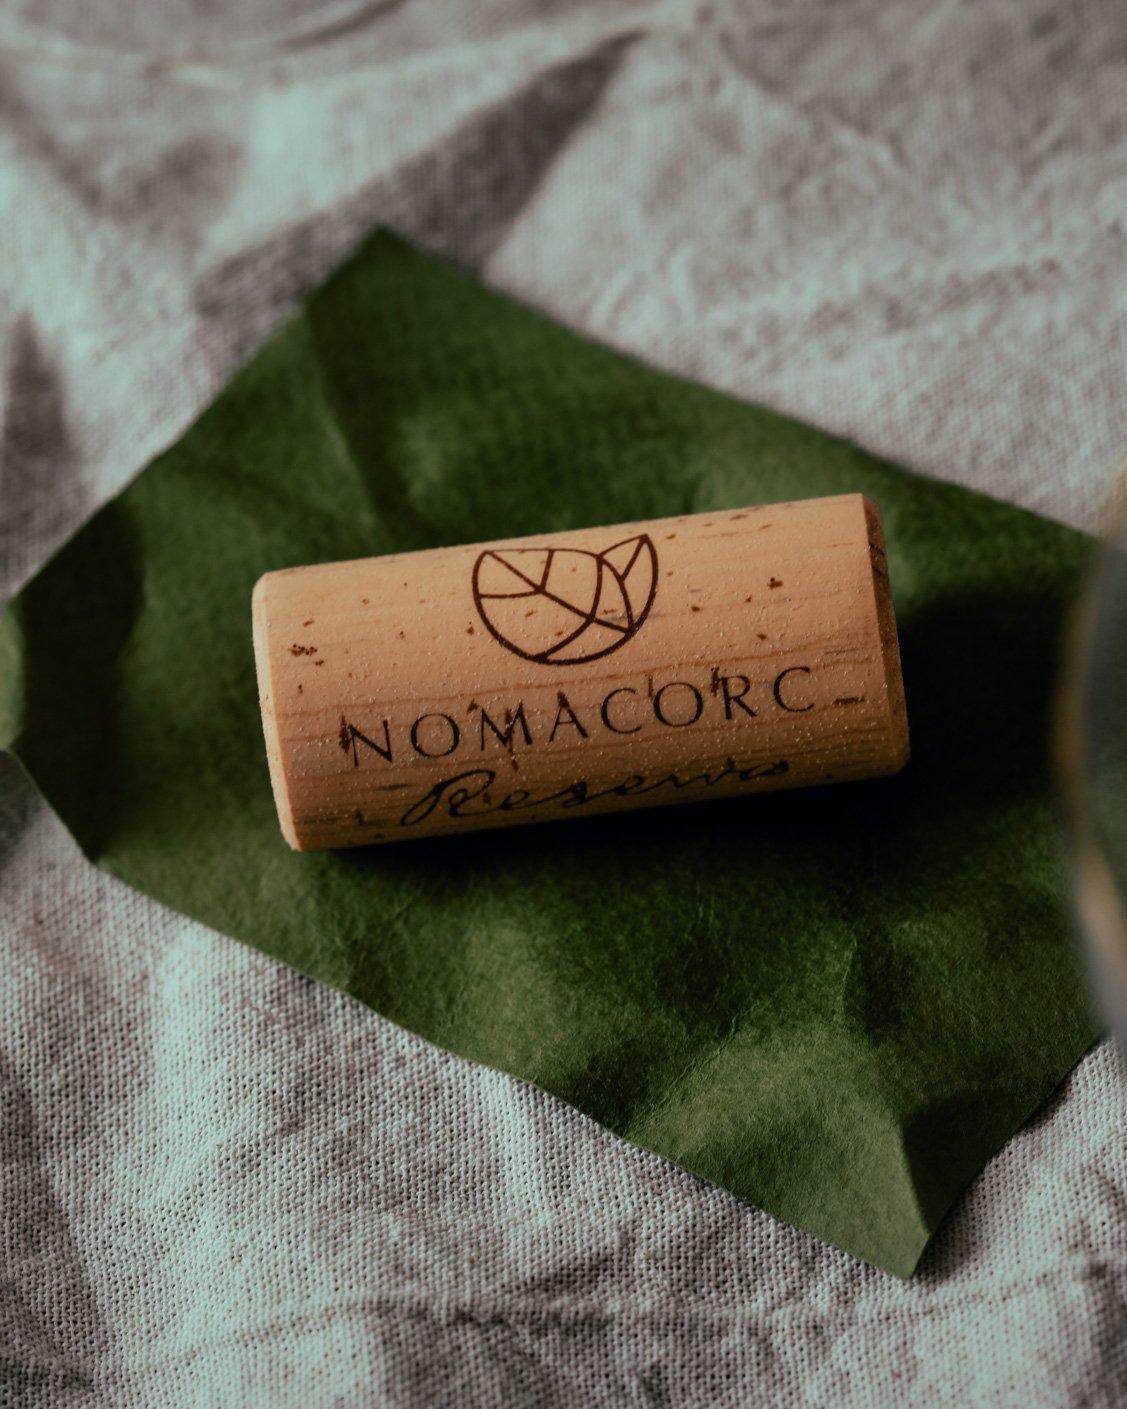 Vinventions nomacorc